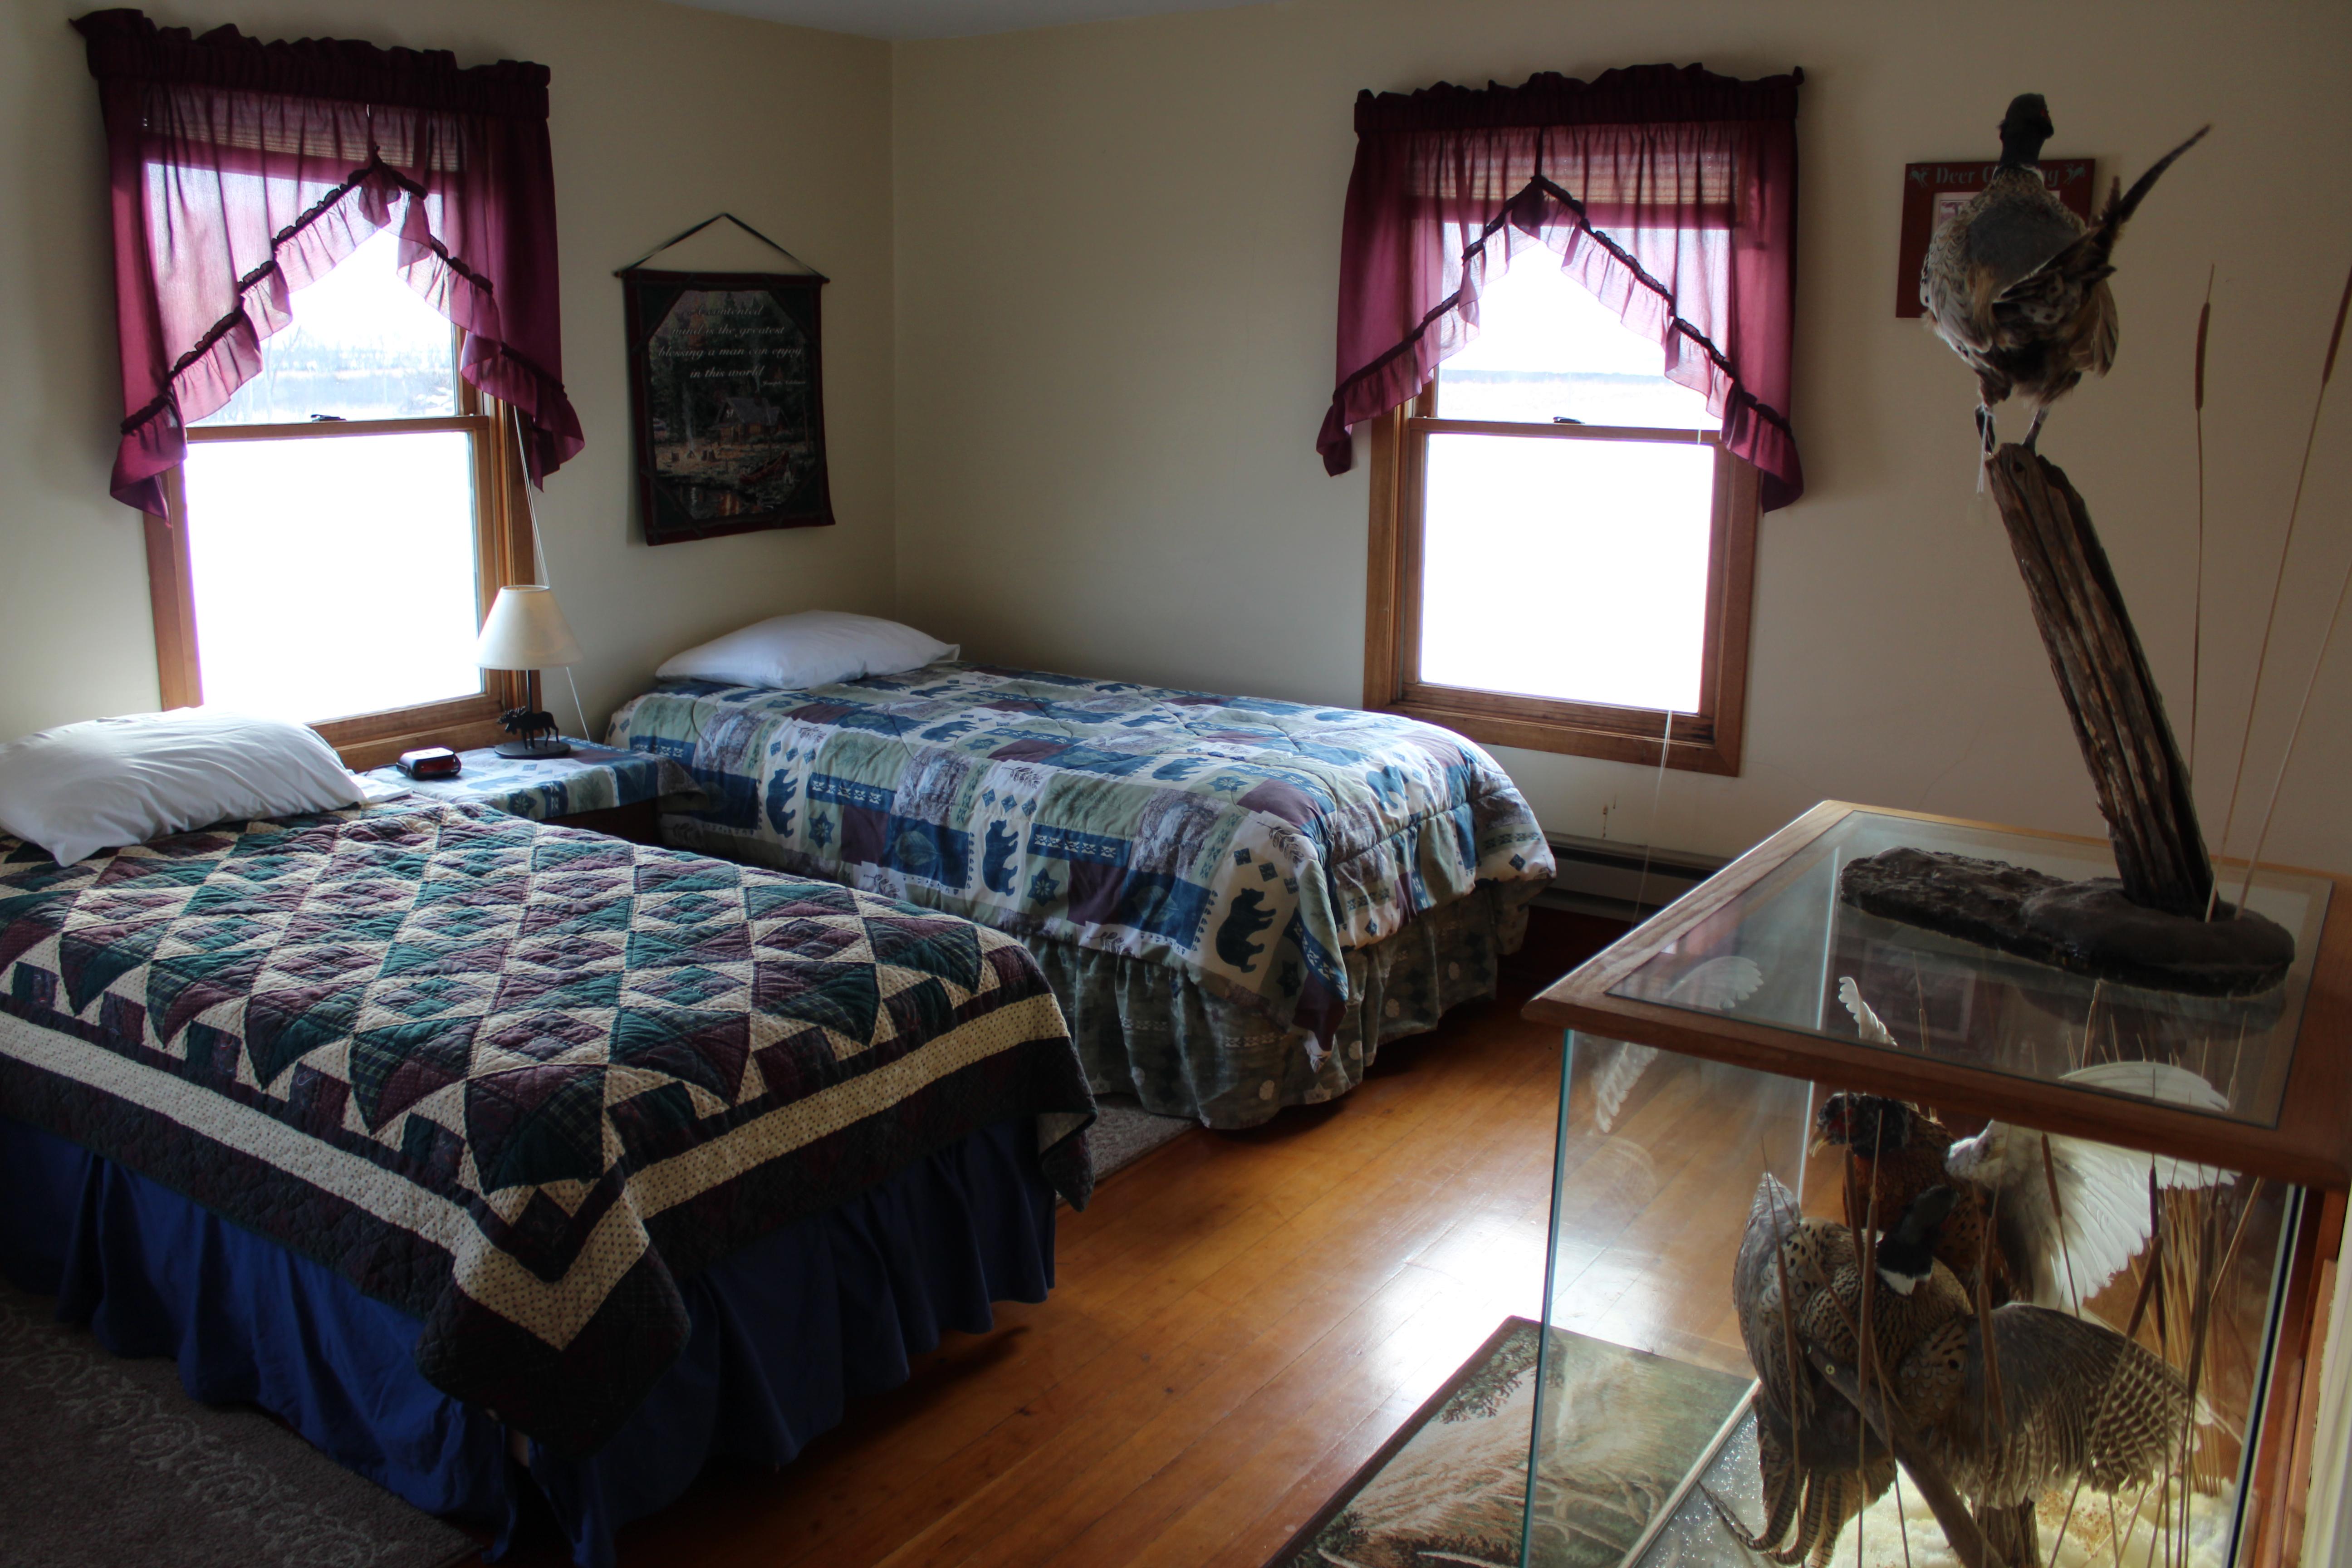 Bedrooms & Baths